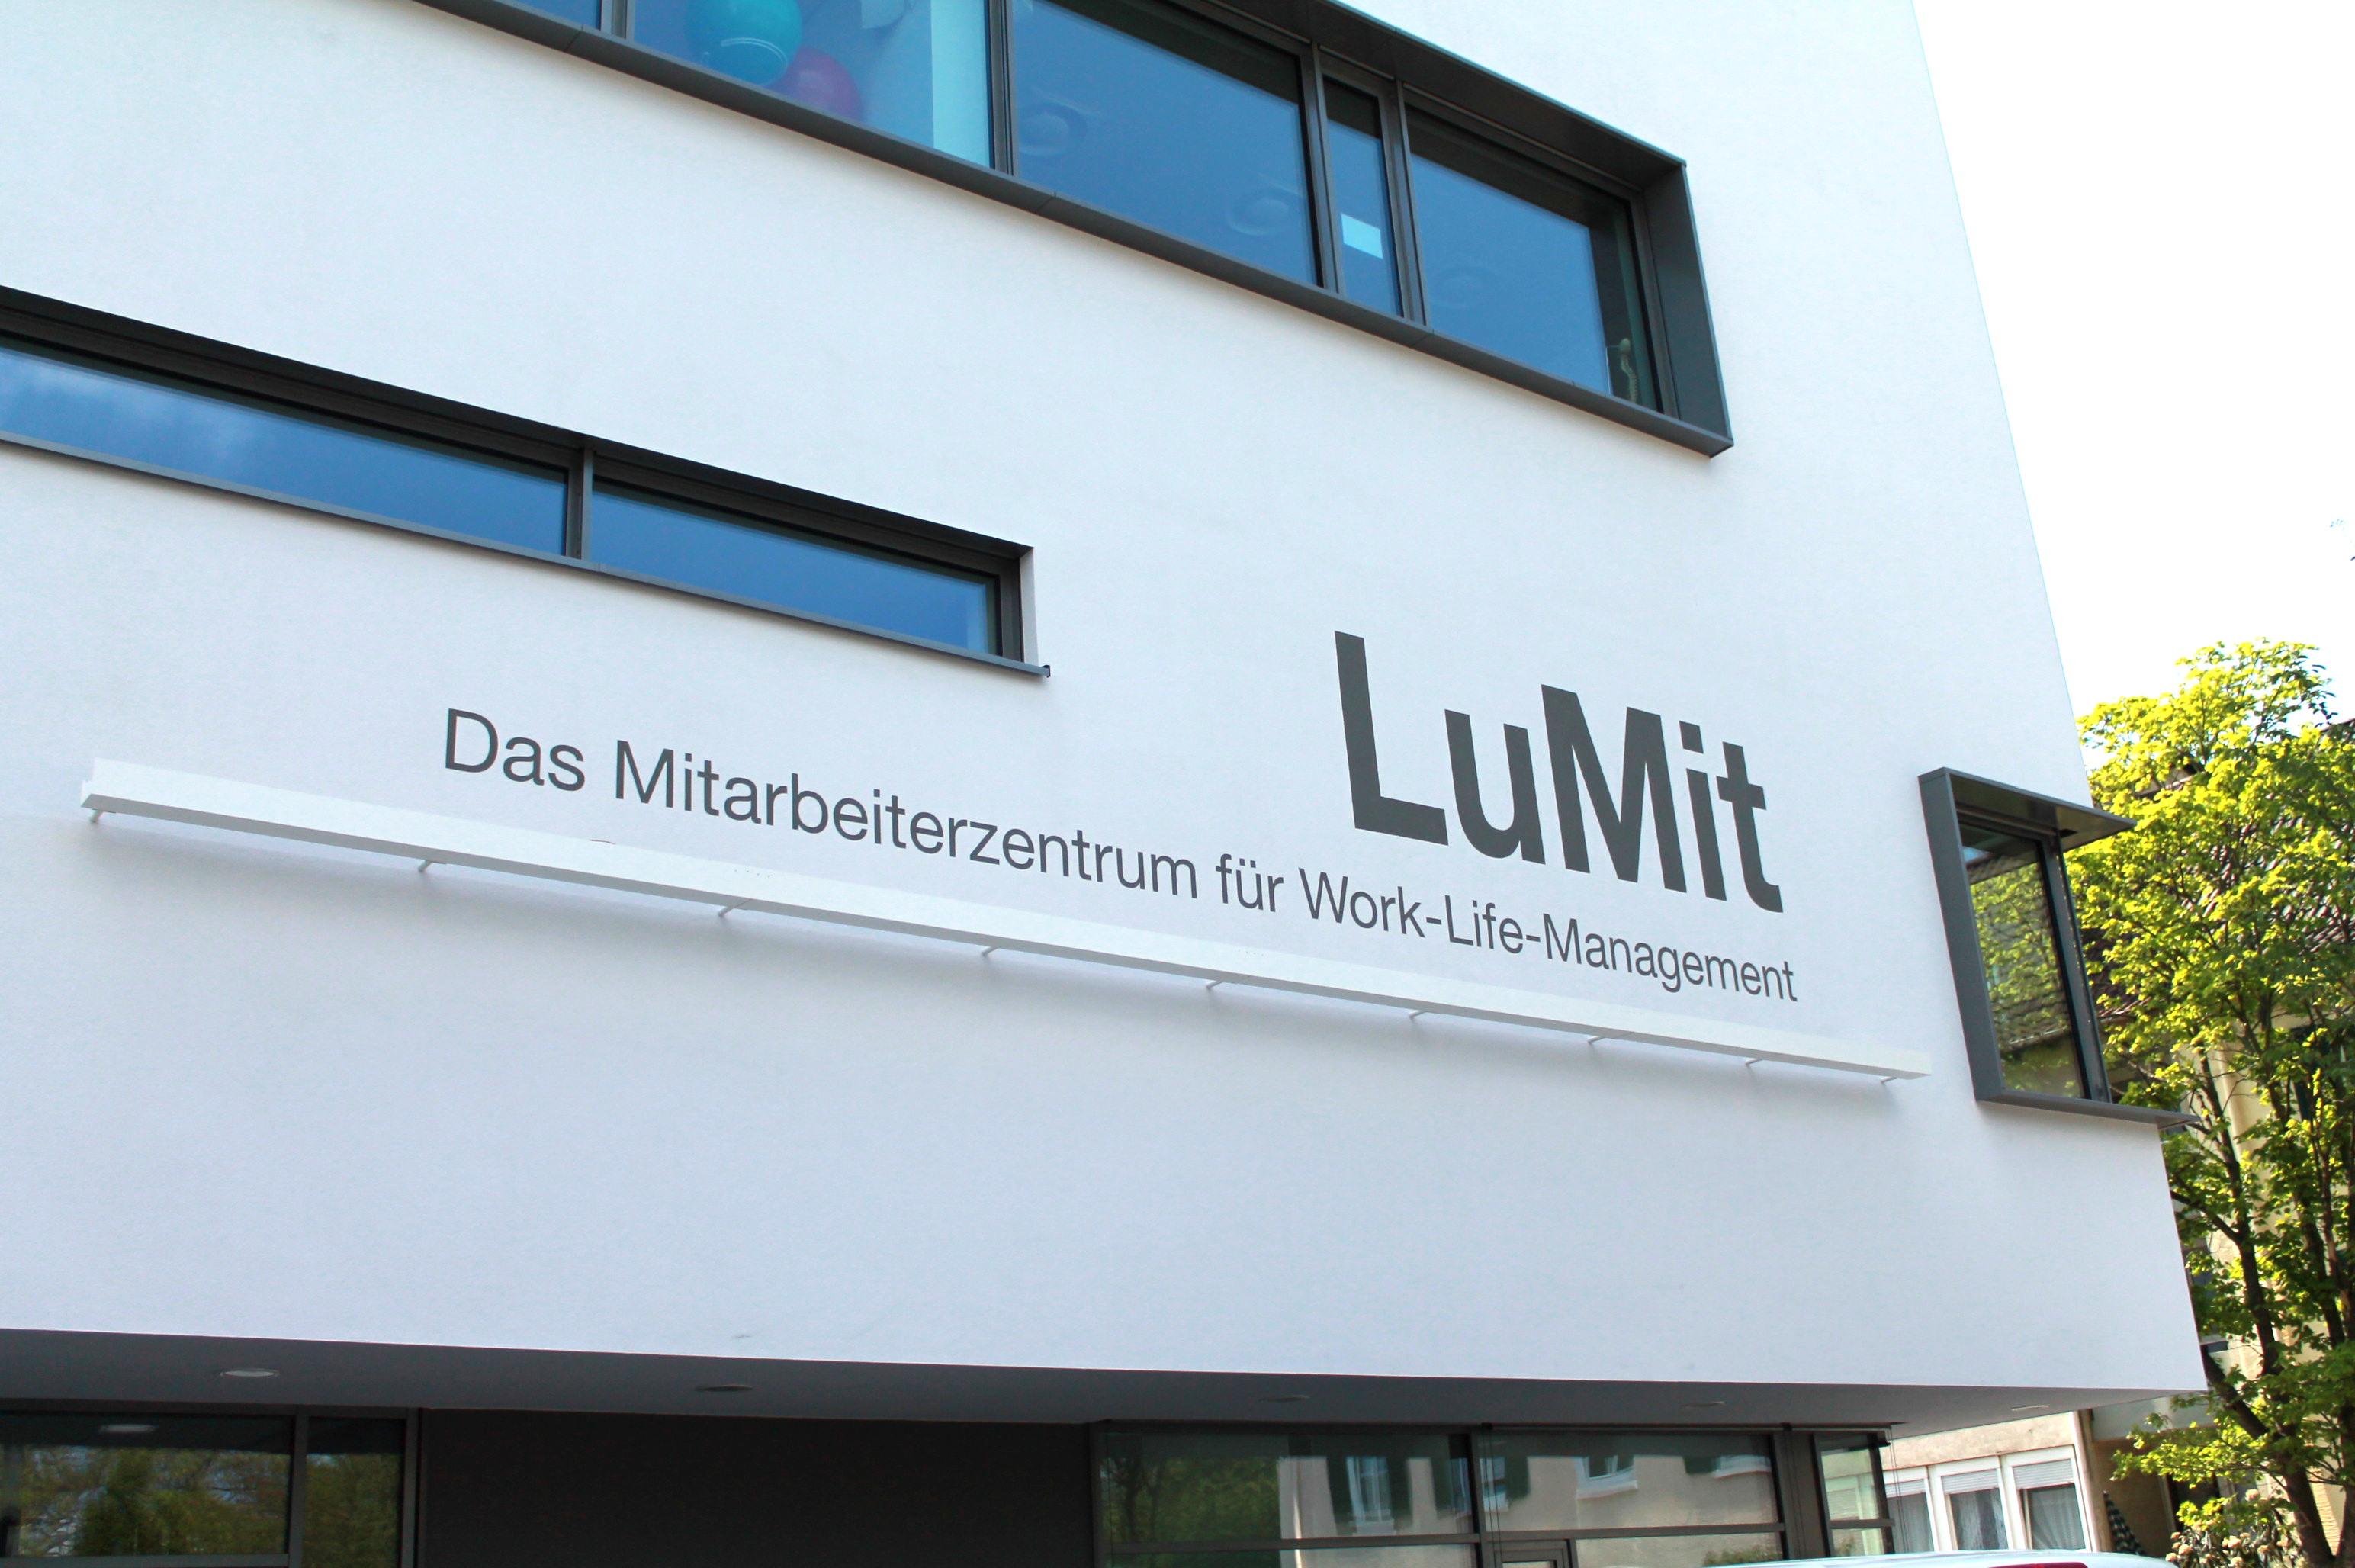 LuMit_basf_ludwigshafen_haupteingang.jpg